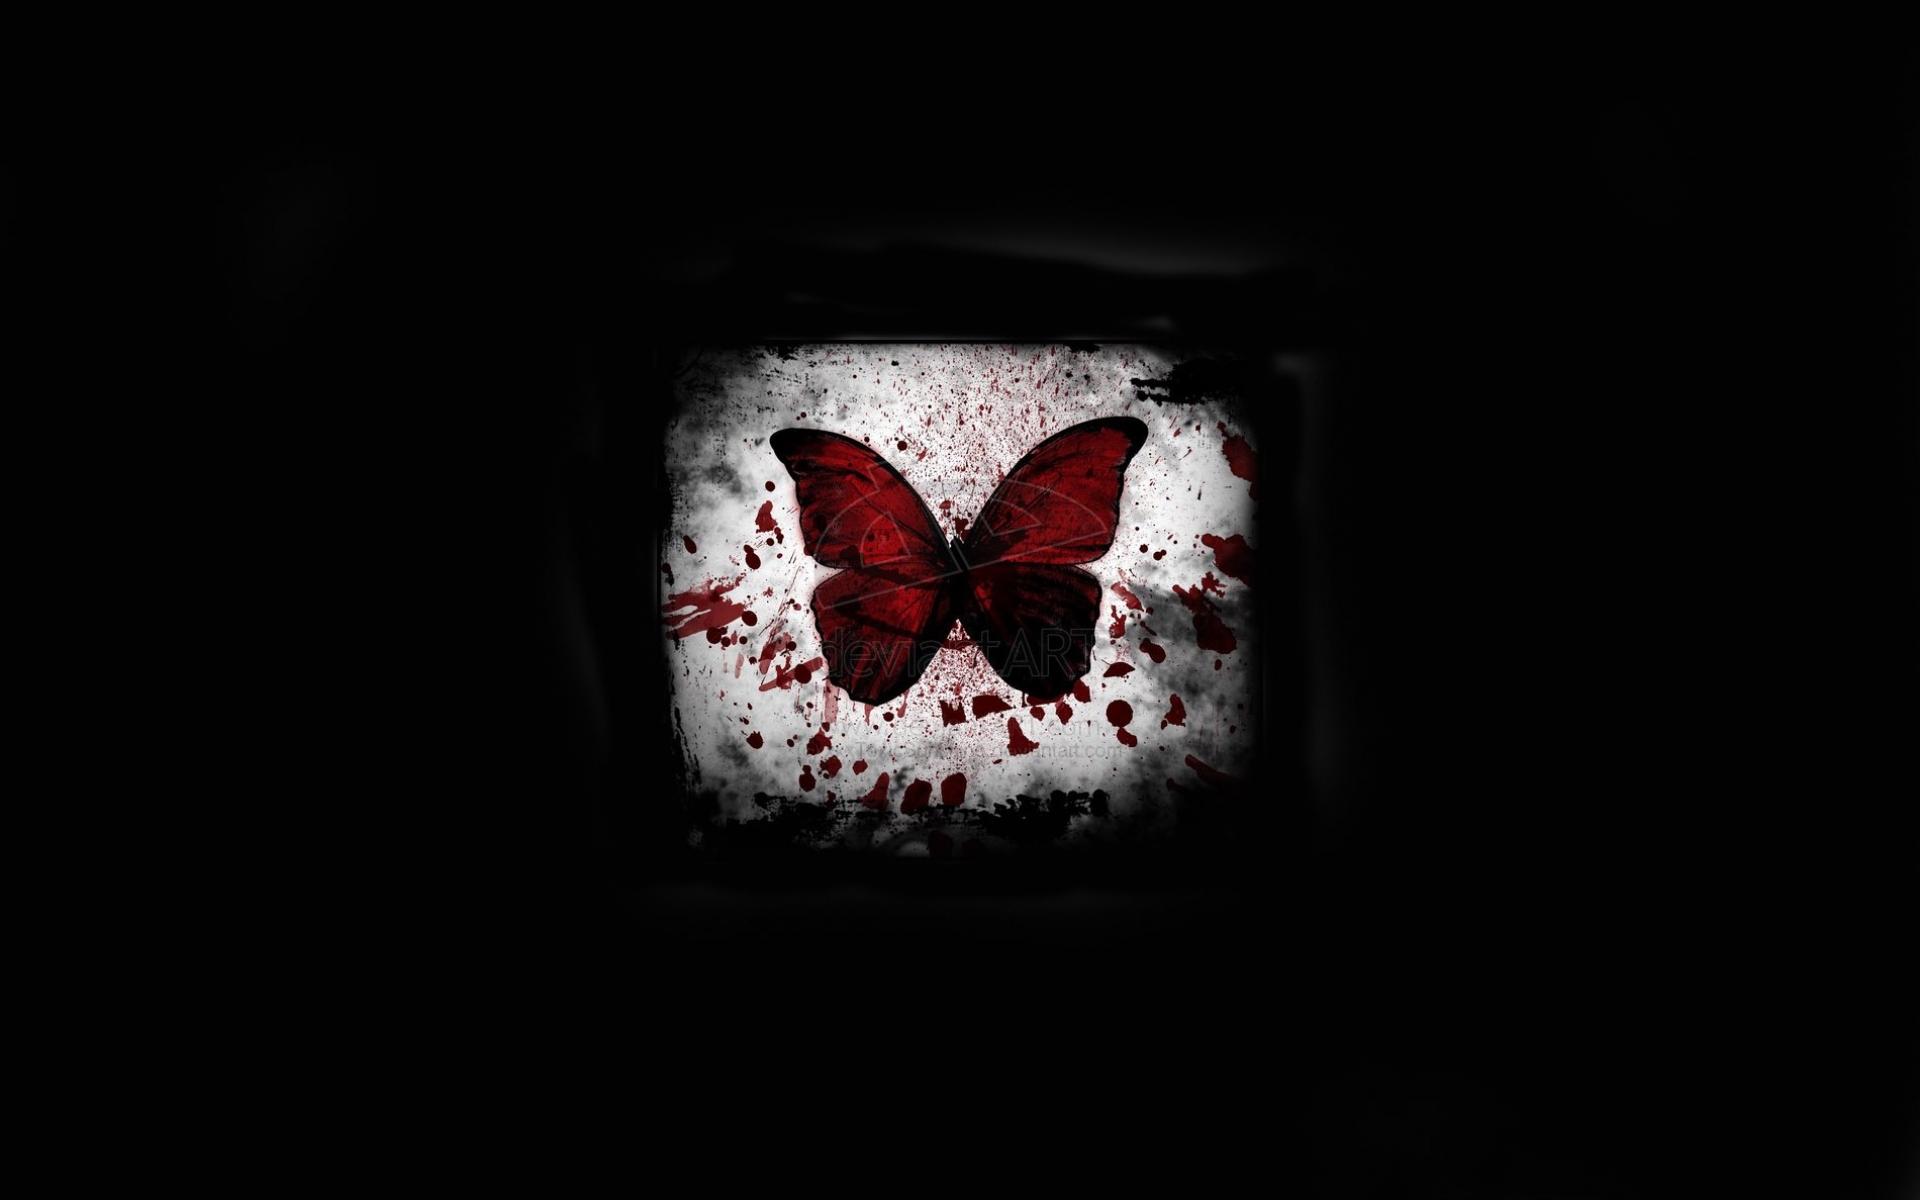 27685 скачать обои Бабочки, Насекомые, Фон - заставки и картинки бесплатно